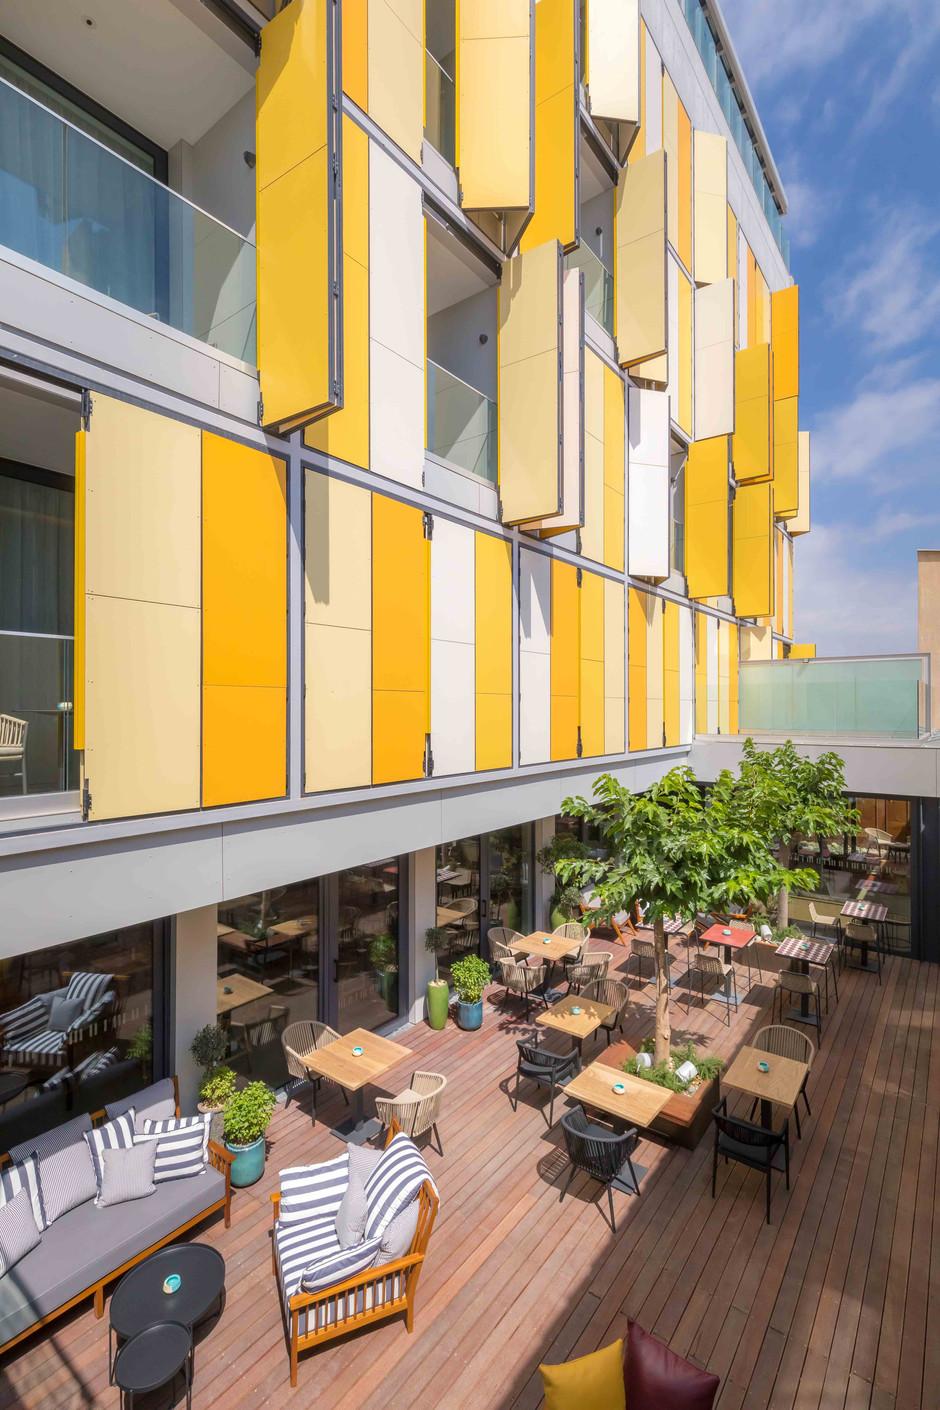 HOTEL INDIGO-4.jpg